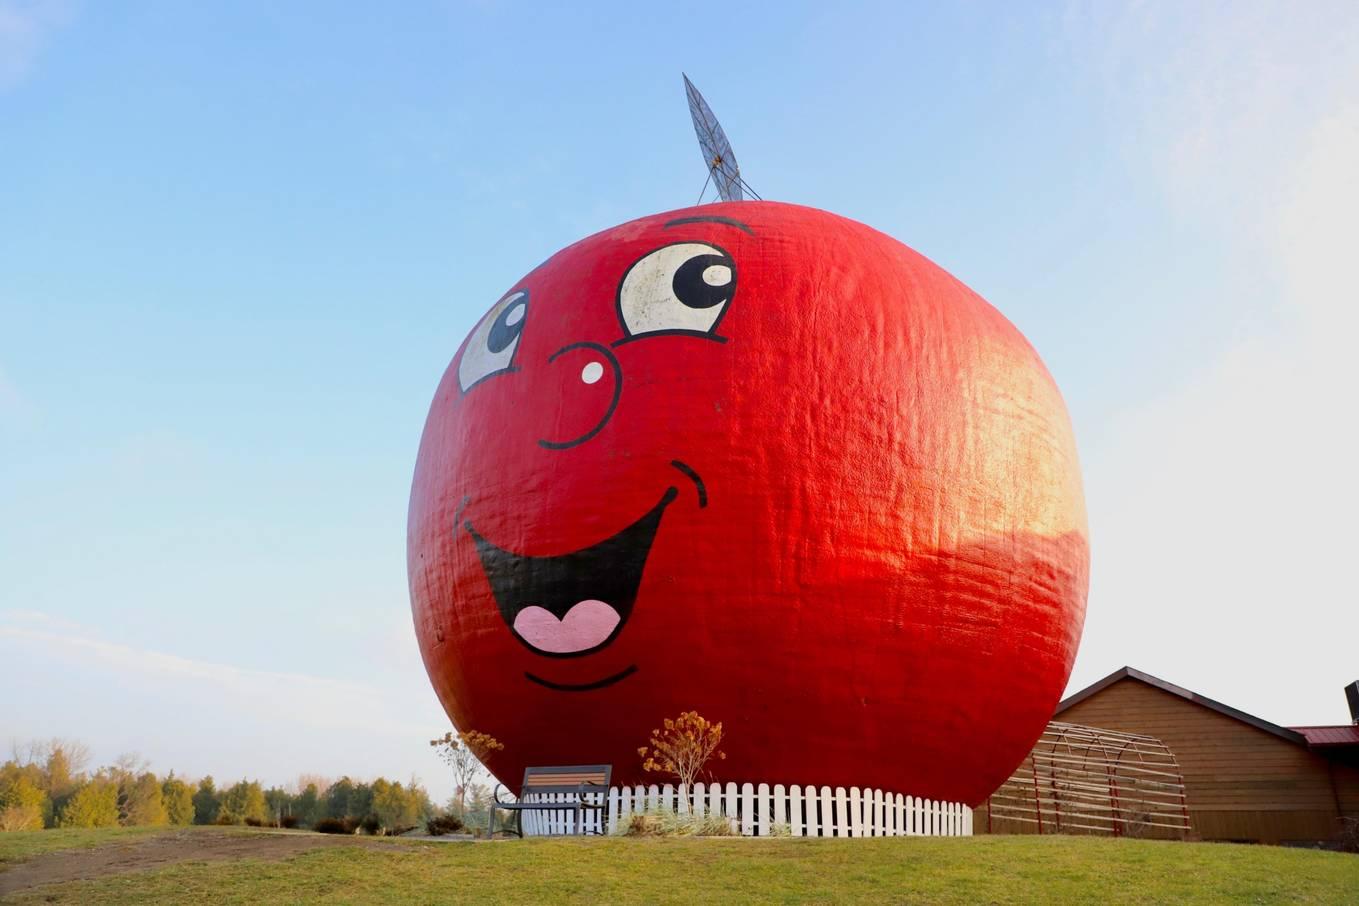 Tiệm bánh hình quả táo lớn nhất thế giới2